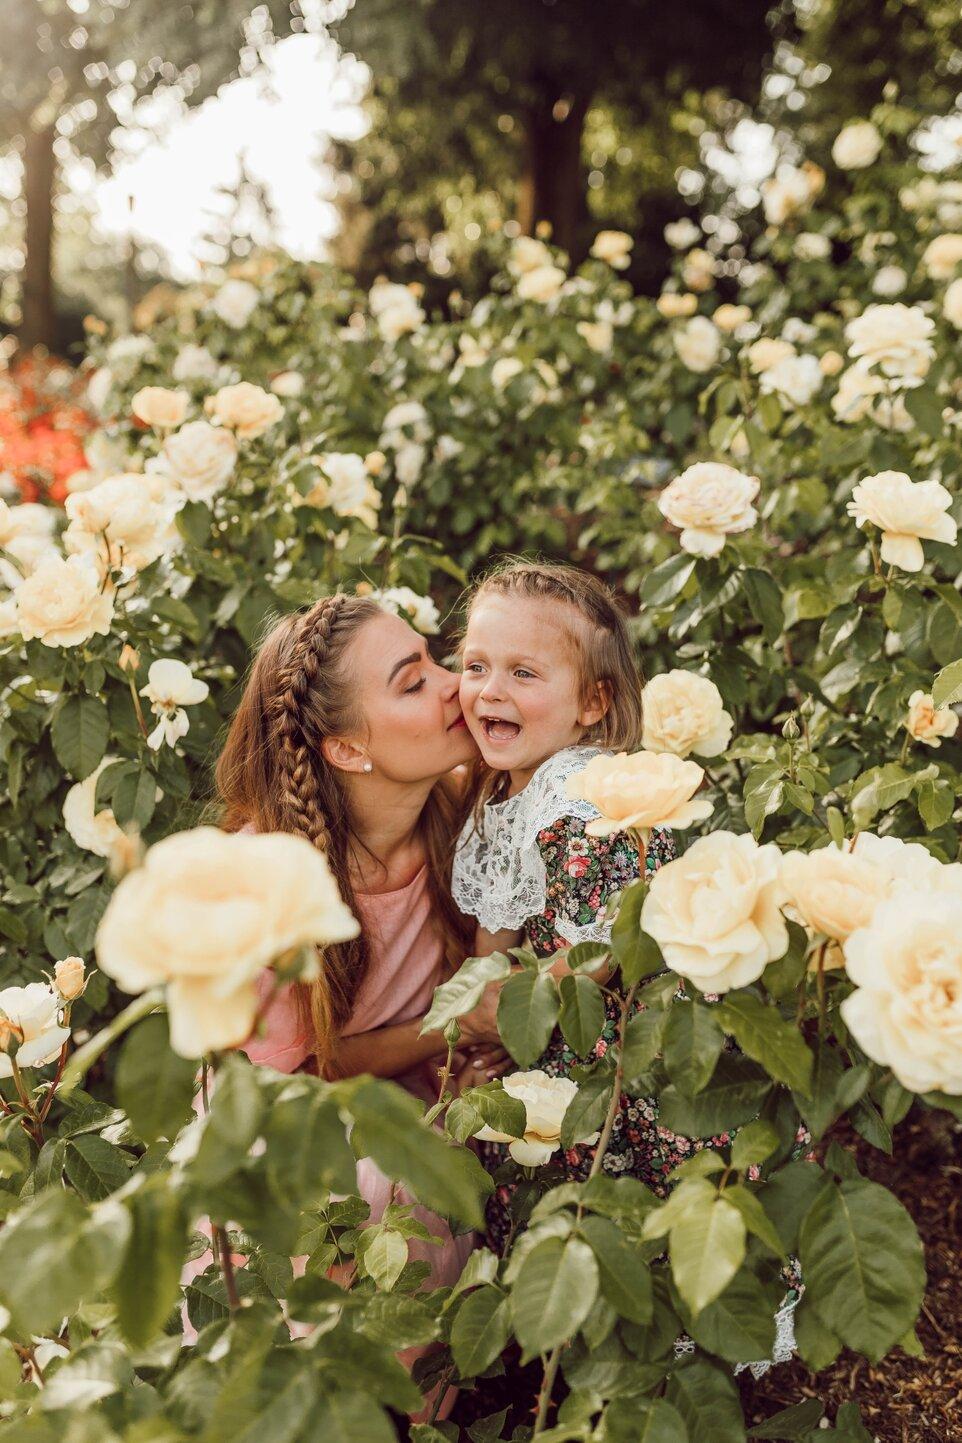 Legătura magică părinte-copil, cel mai important lucru din lume